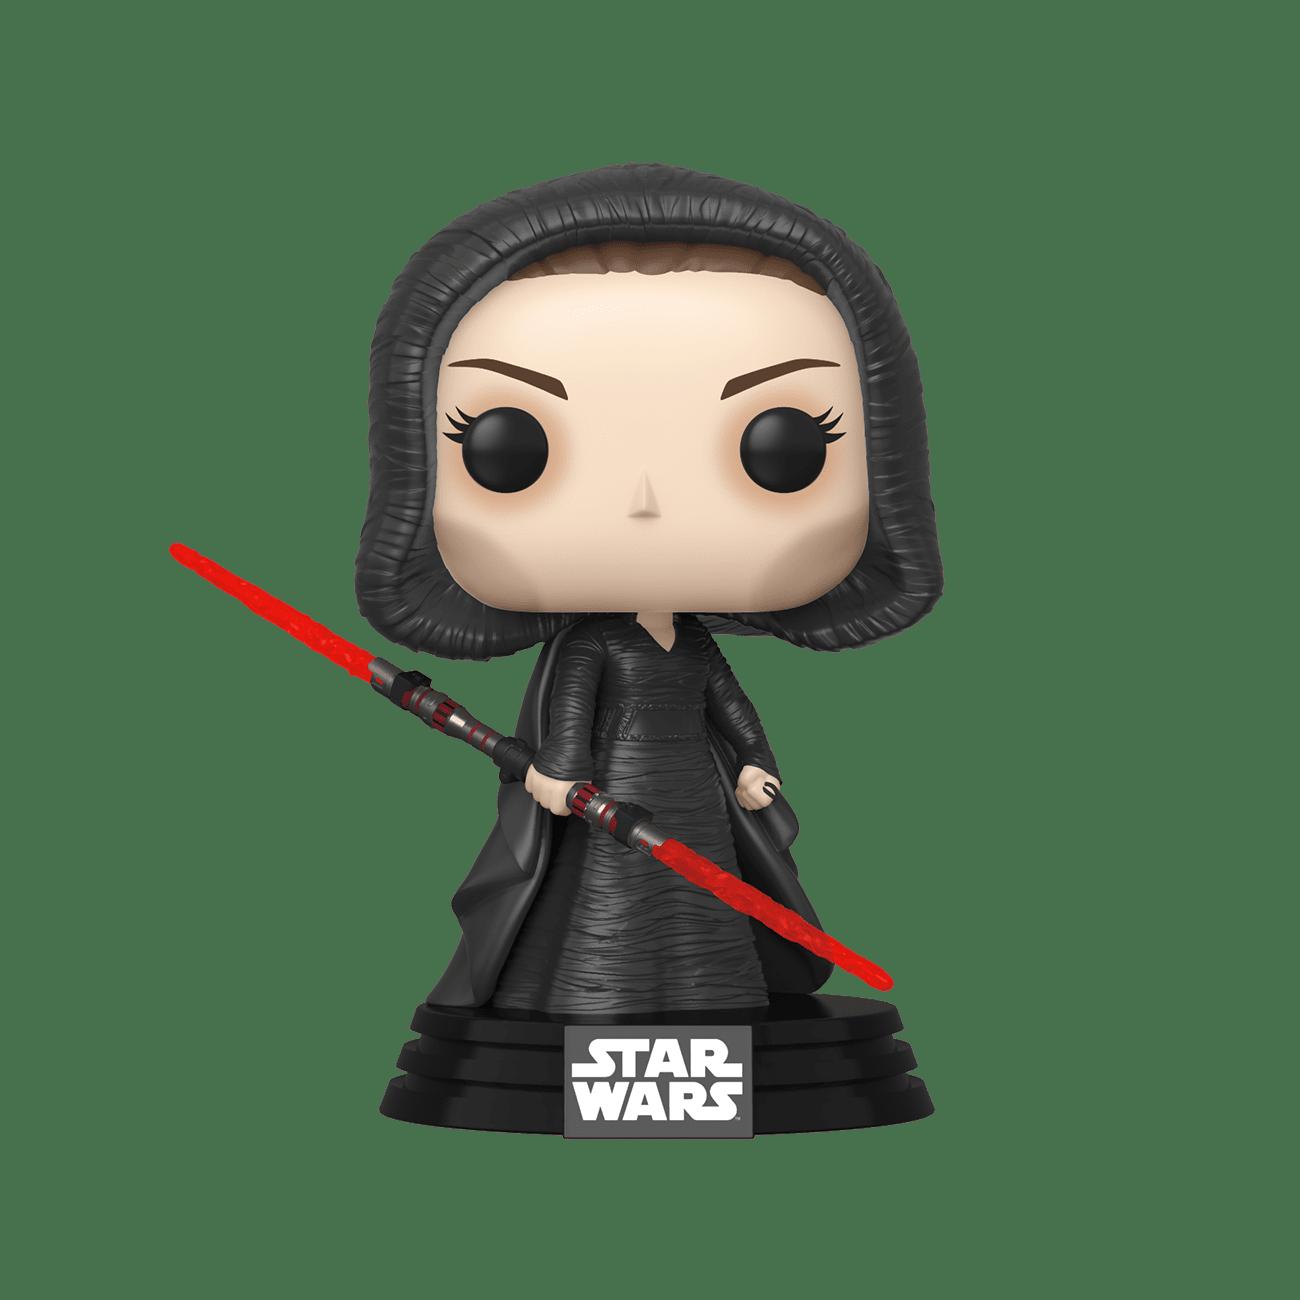 PRE-ORDER Star Wars: The Rise of Skywalker Dark Rey Pop! Vinyl Figure